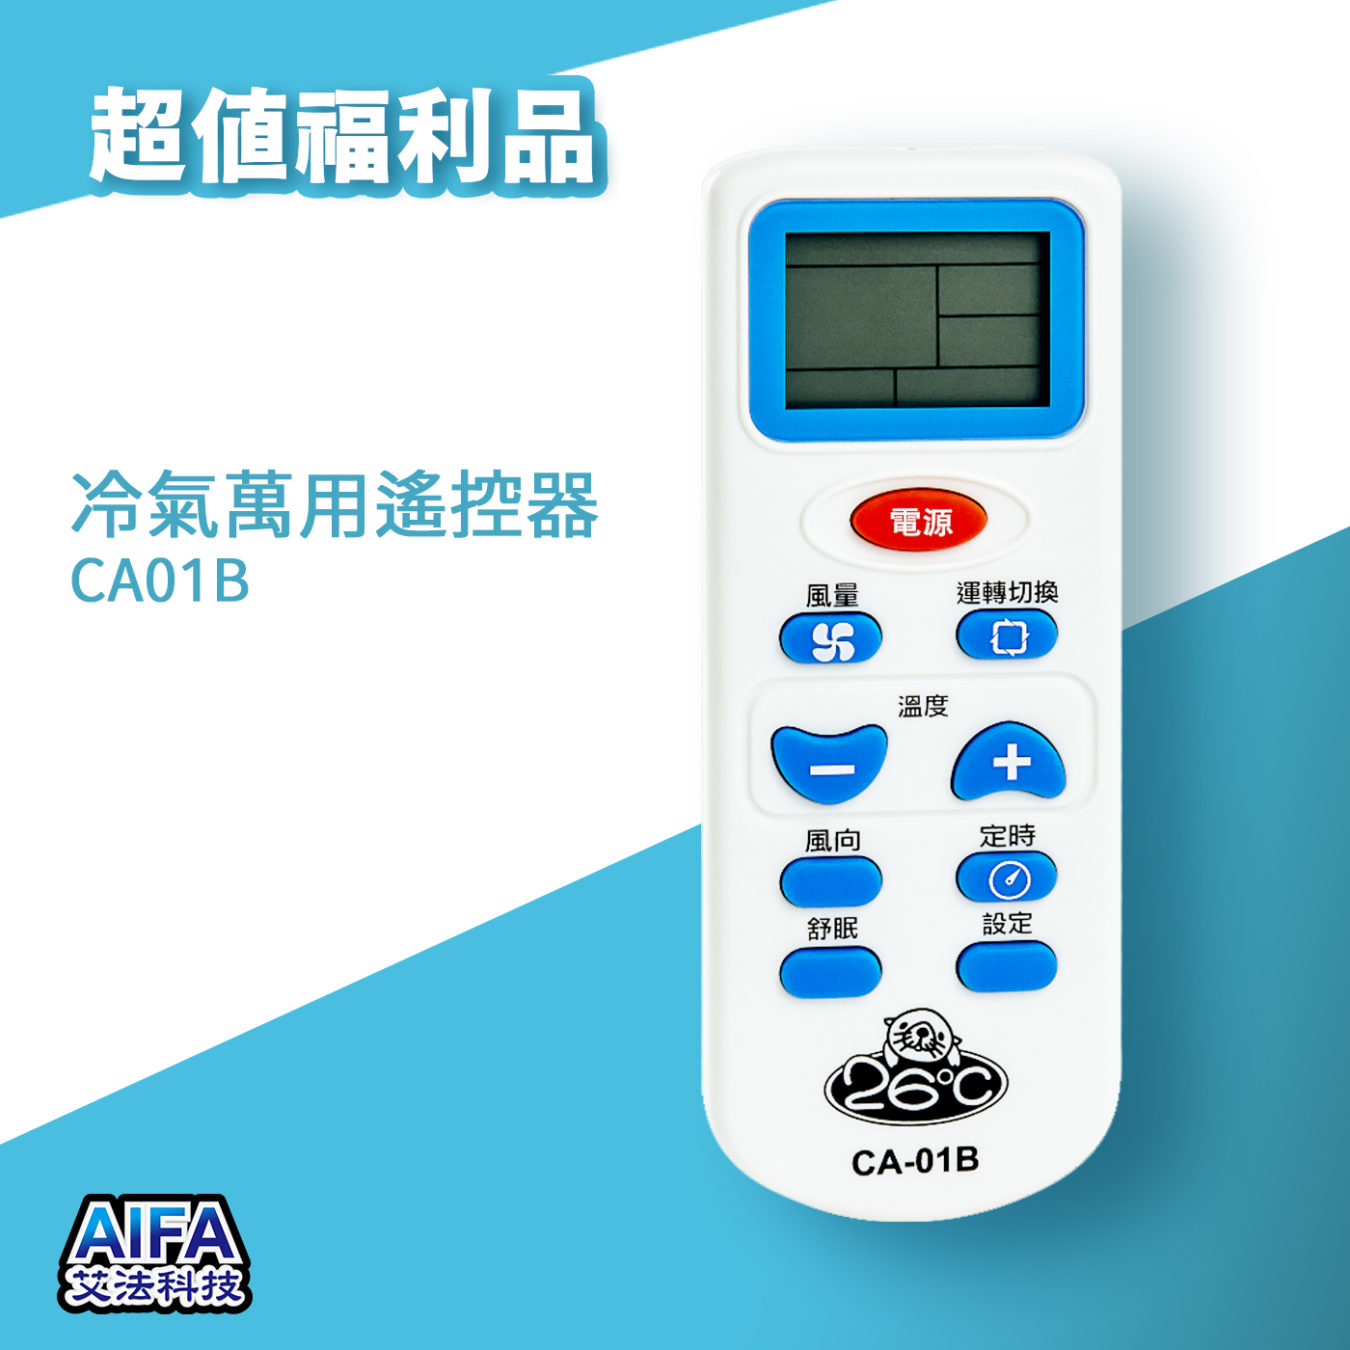 冷氣萬用遙控器AIFA-CA-01B艾法科技福利品